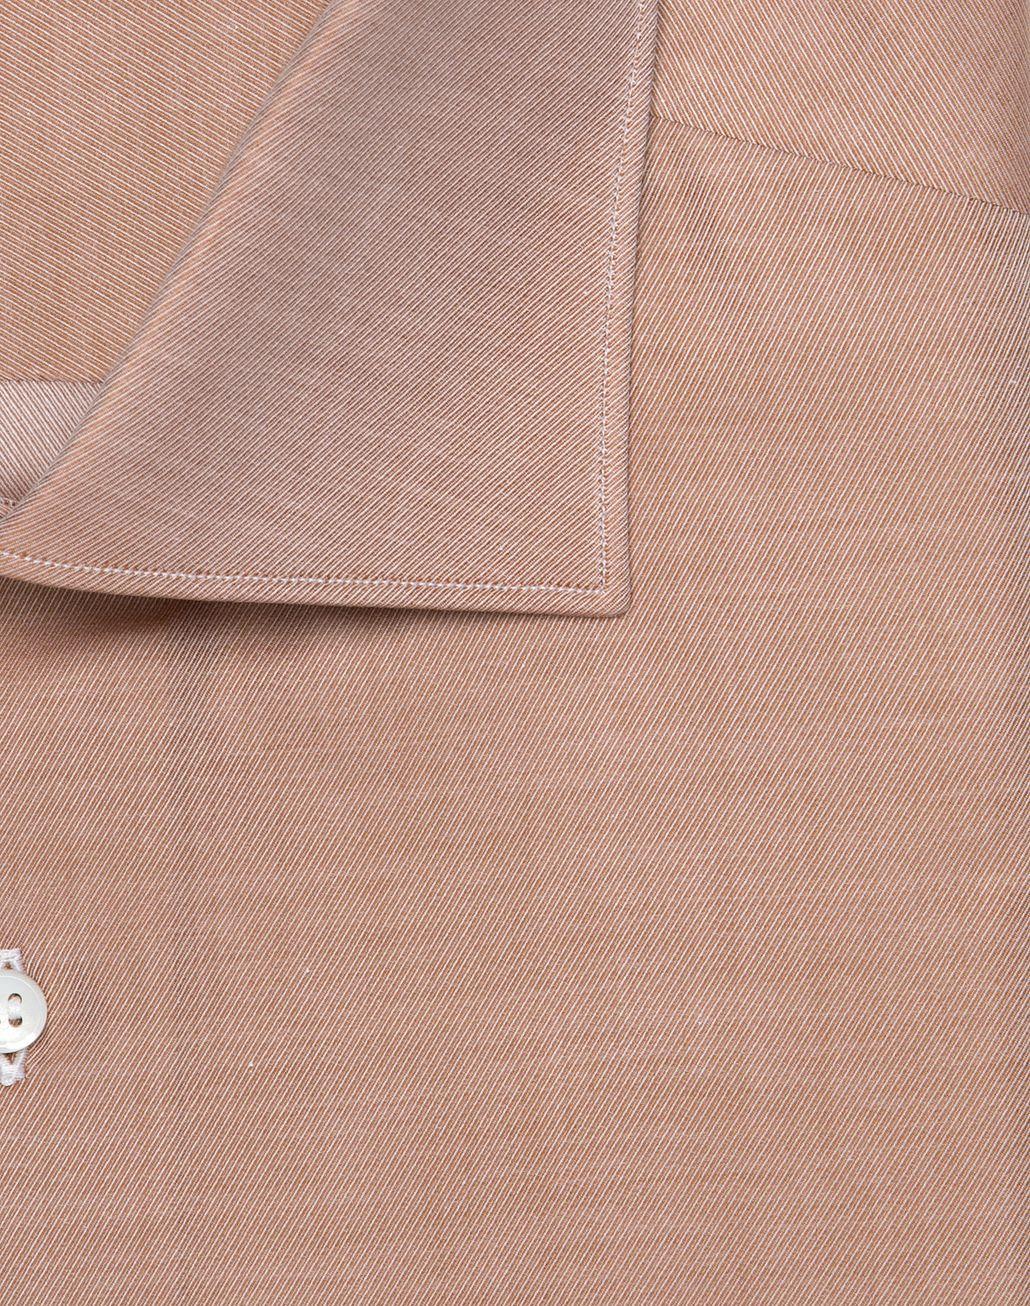 BRIONI Приталенная рубашка из твила цвета виски Классическая рубашка Для Мужчин r